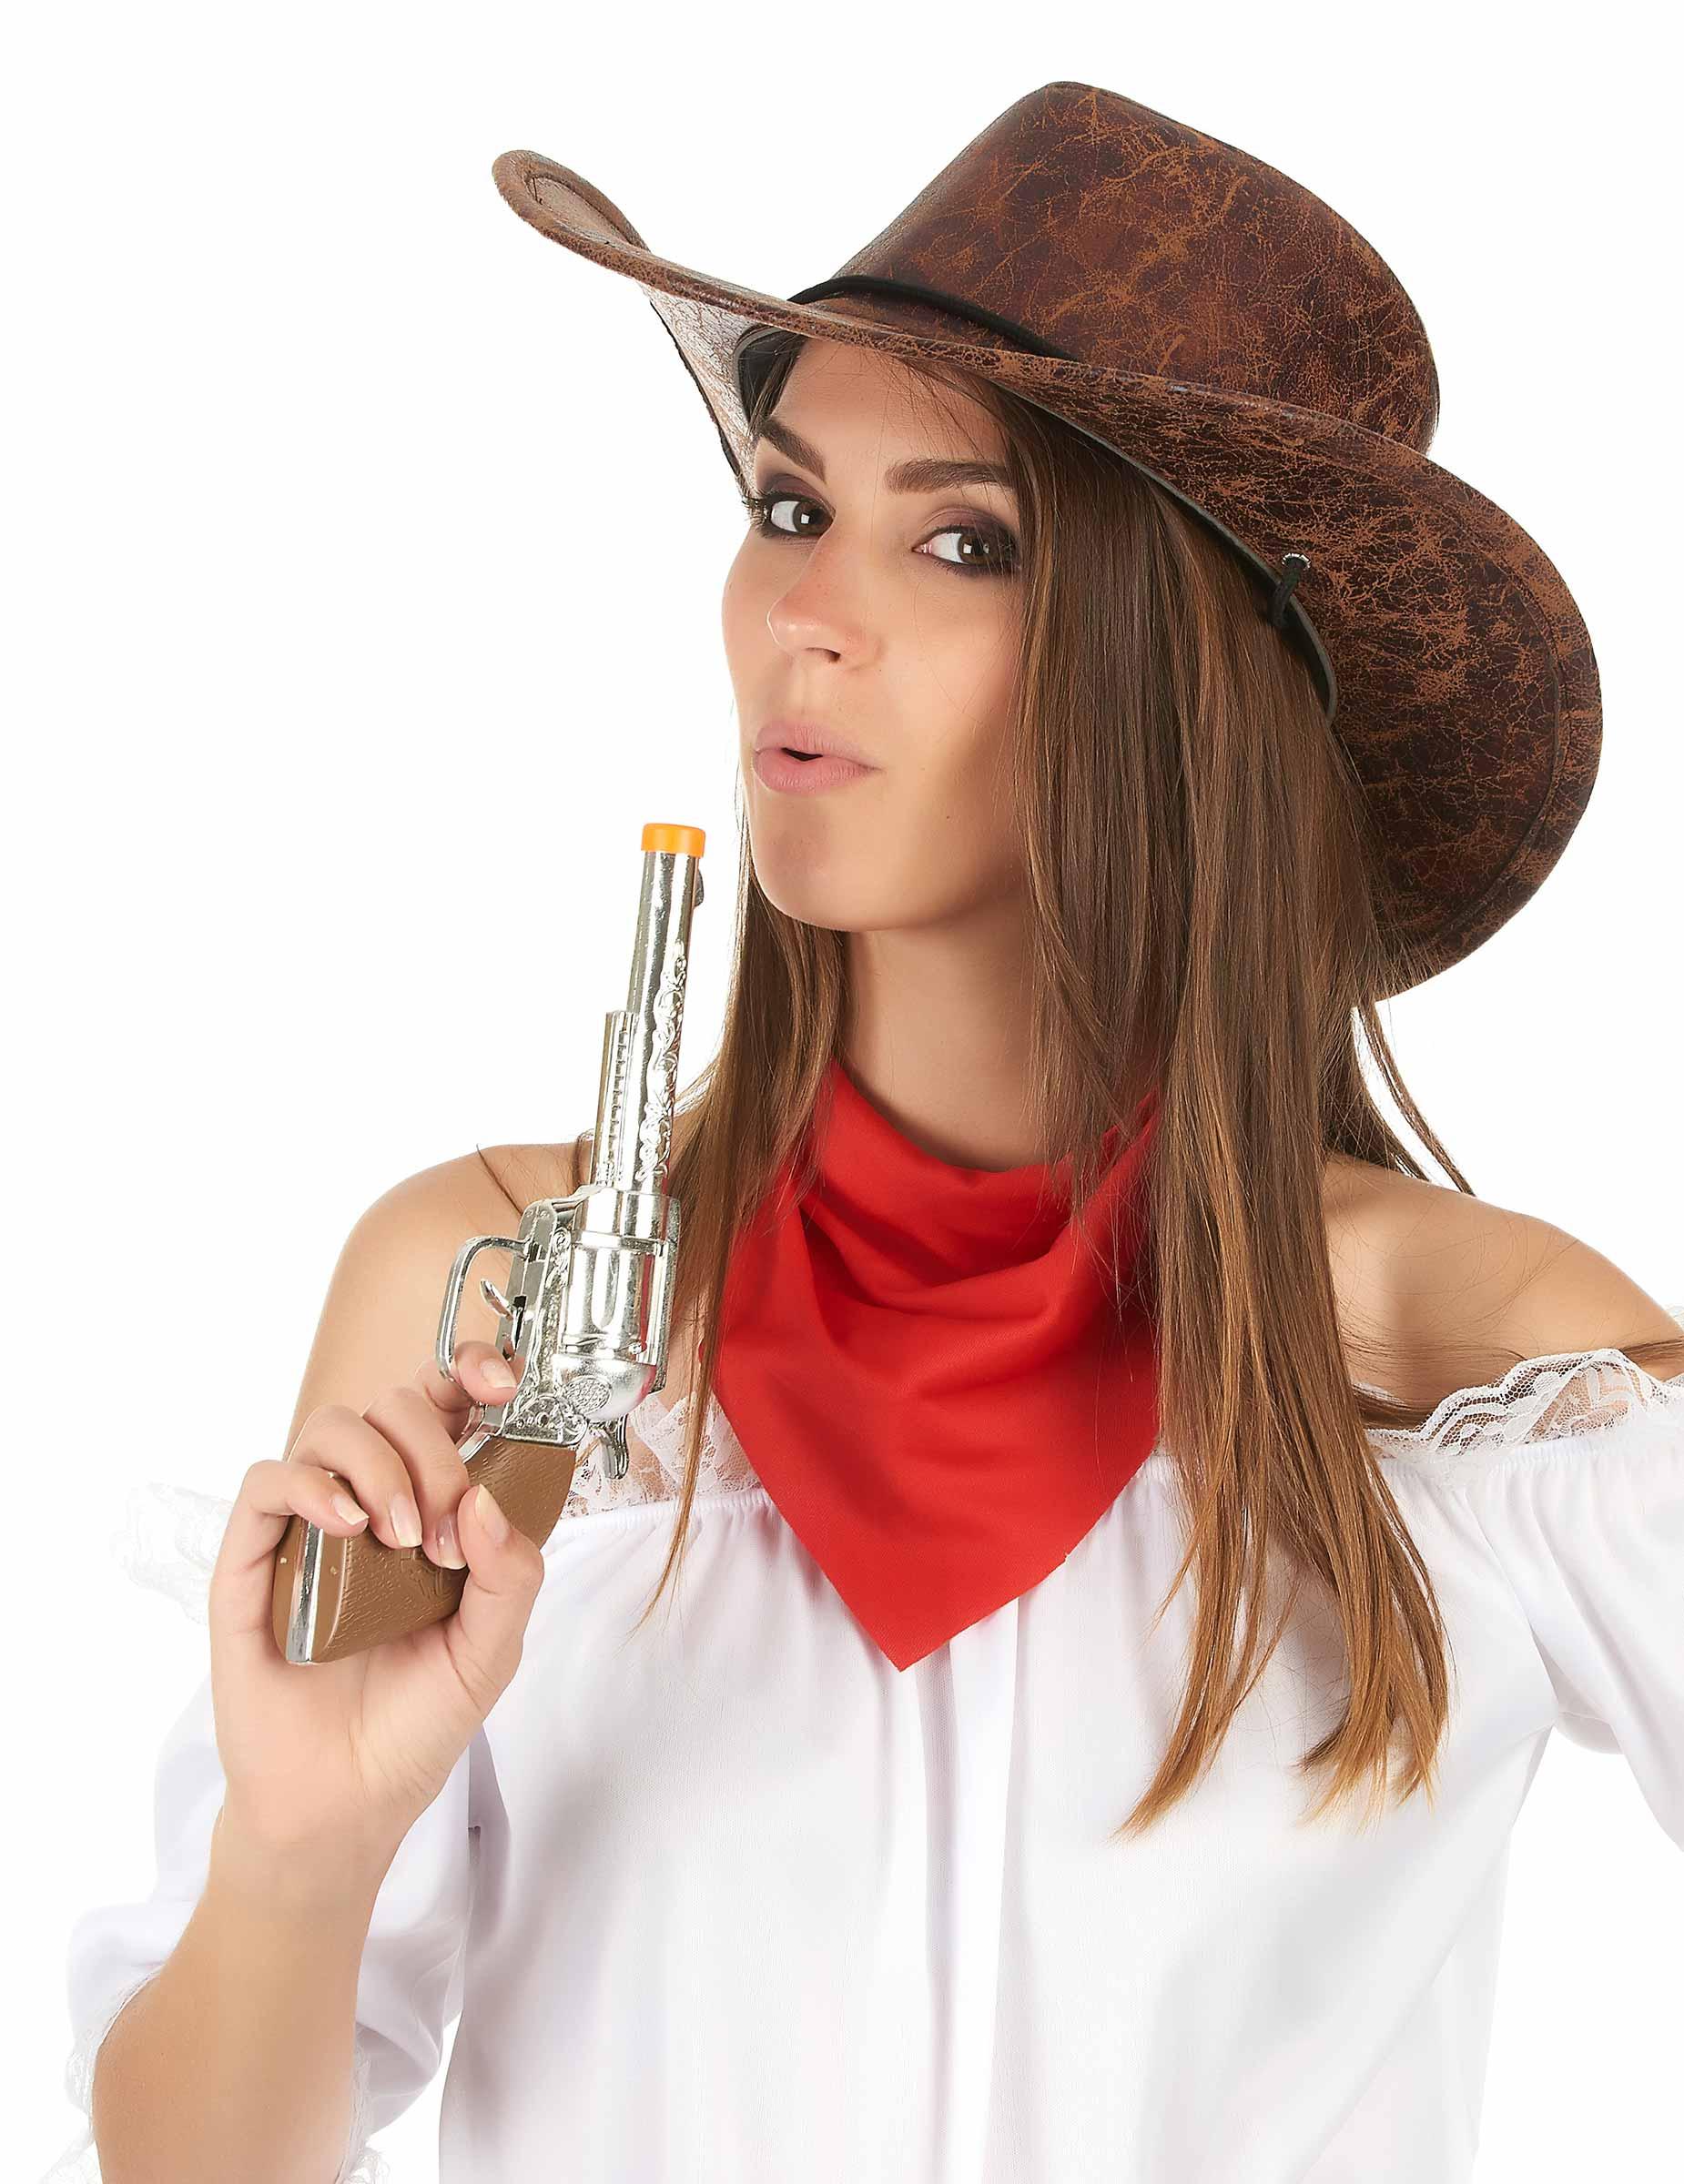 CW-05 Set di 5 Cappelli da Cowboy Cowgirl Taglia Unica per Adulti e Ragazzi Marrone Scuro Stile Camoscio per Festa Serata a Tema Western Carnevale Uomo Donna